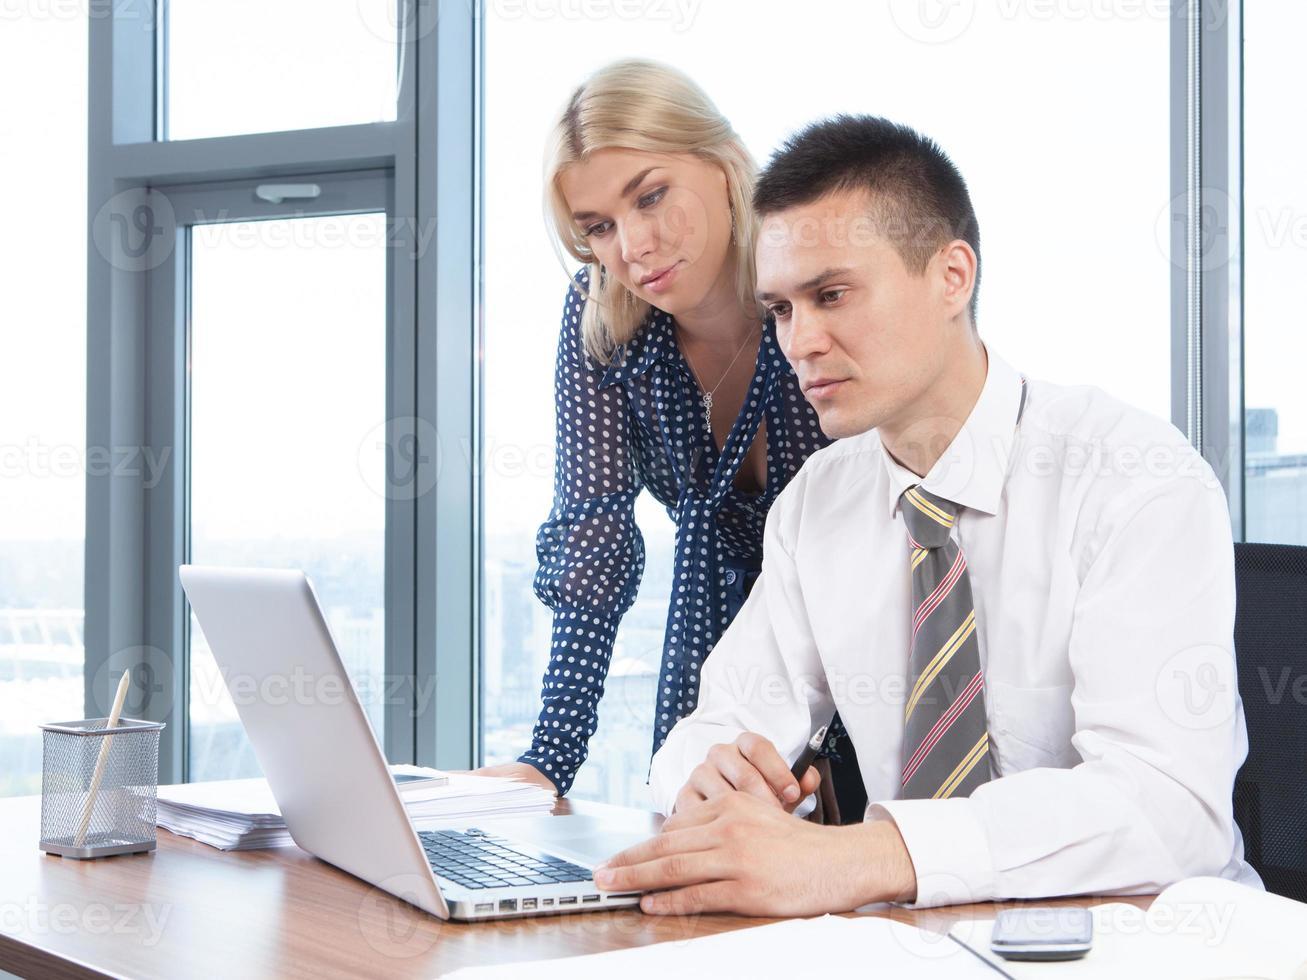 mensen uit het bedrijfsleven samen te werken op laptop op kantoor foto